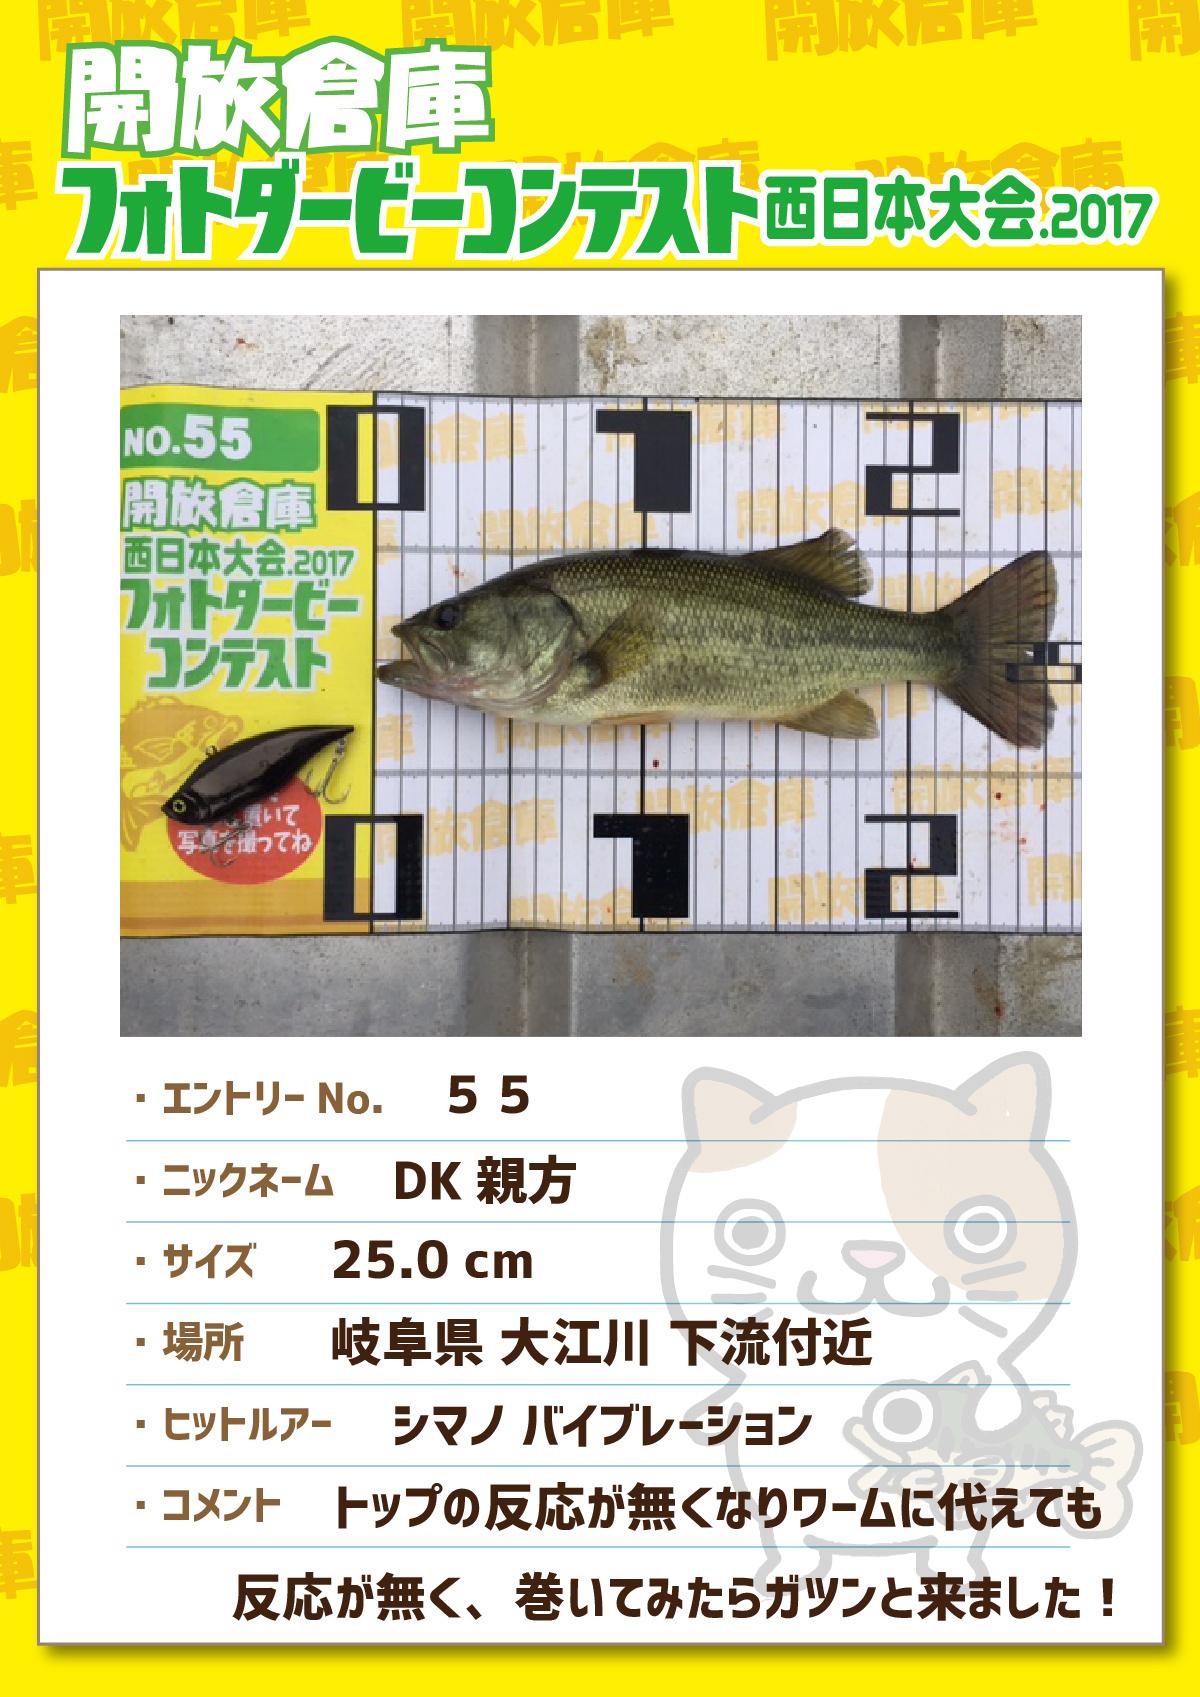 No.055 DK親方 25.0cm 岐阜県大江川下流付近 シマノバイブレーション トップの反応が無くなりワームに代えても反応が無く、巻いてみたらガツンと来ました!